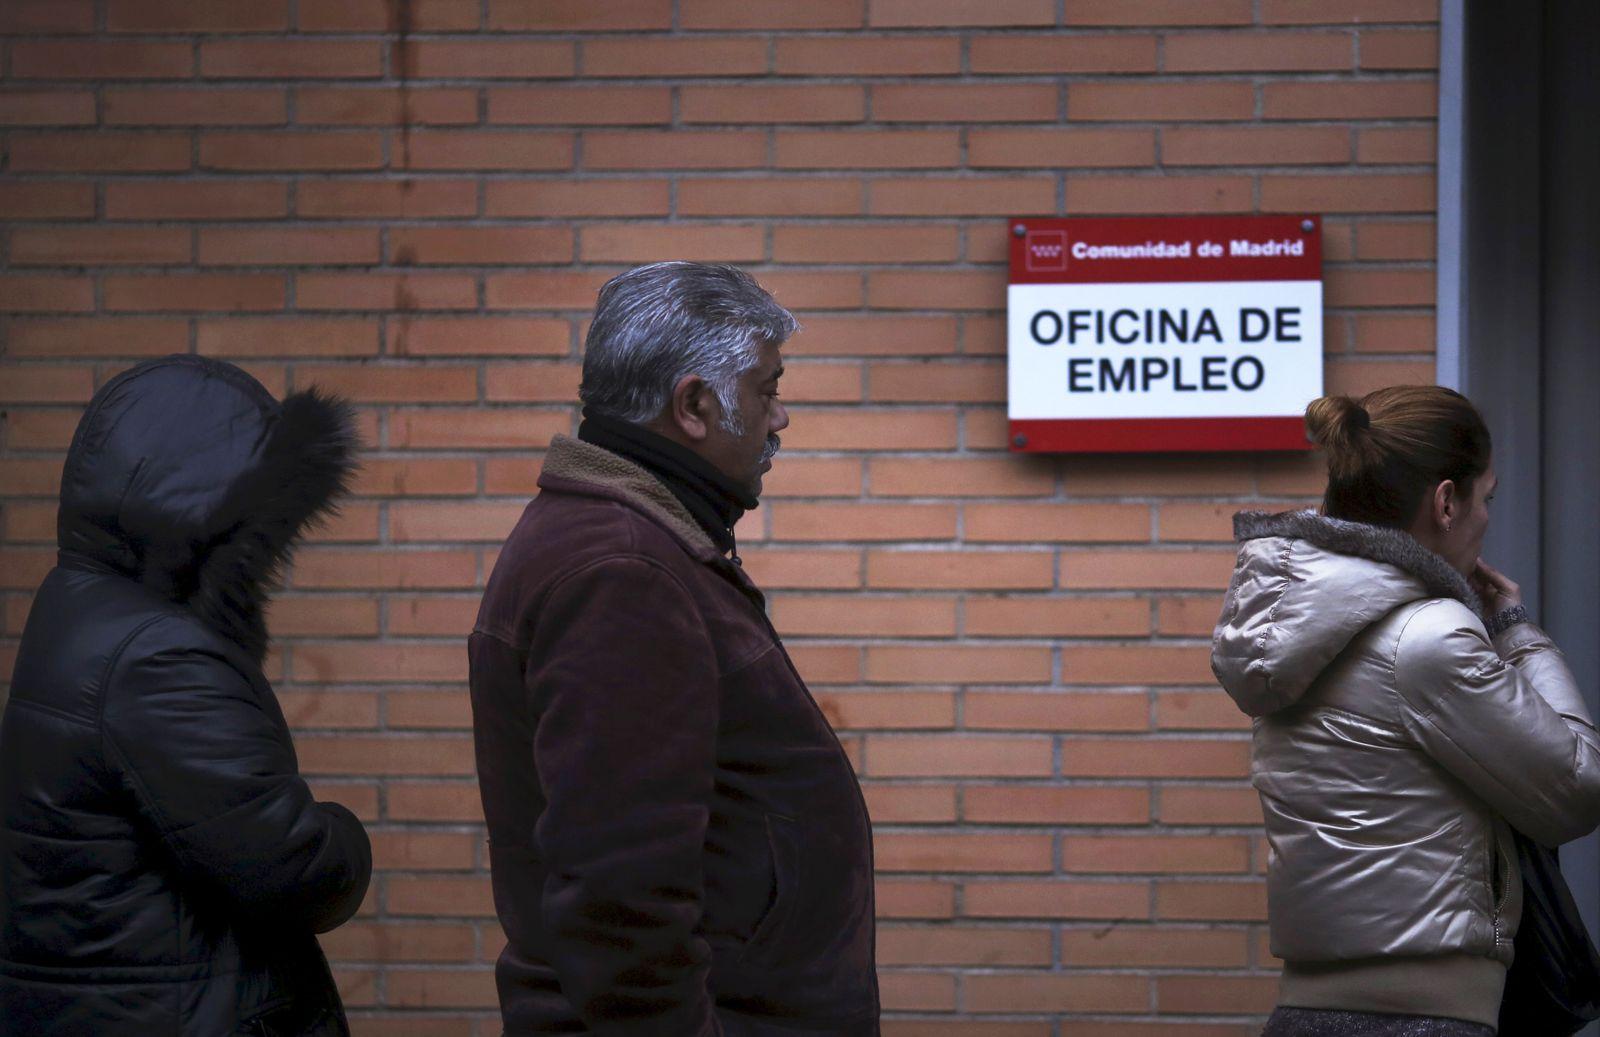 Spanien / Arbeitslosigkeit / Eurostat / Job